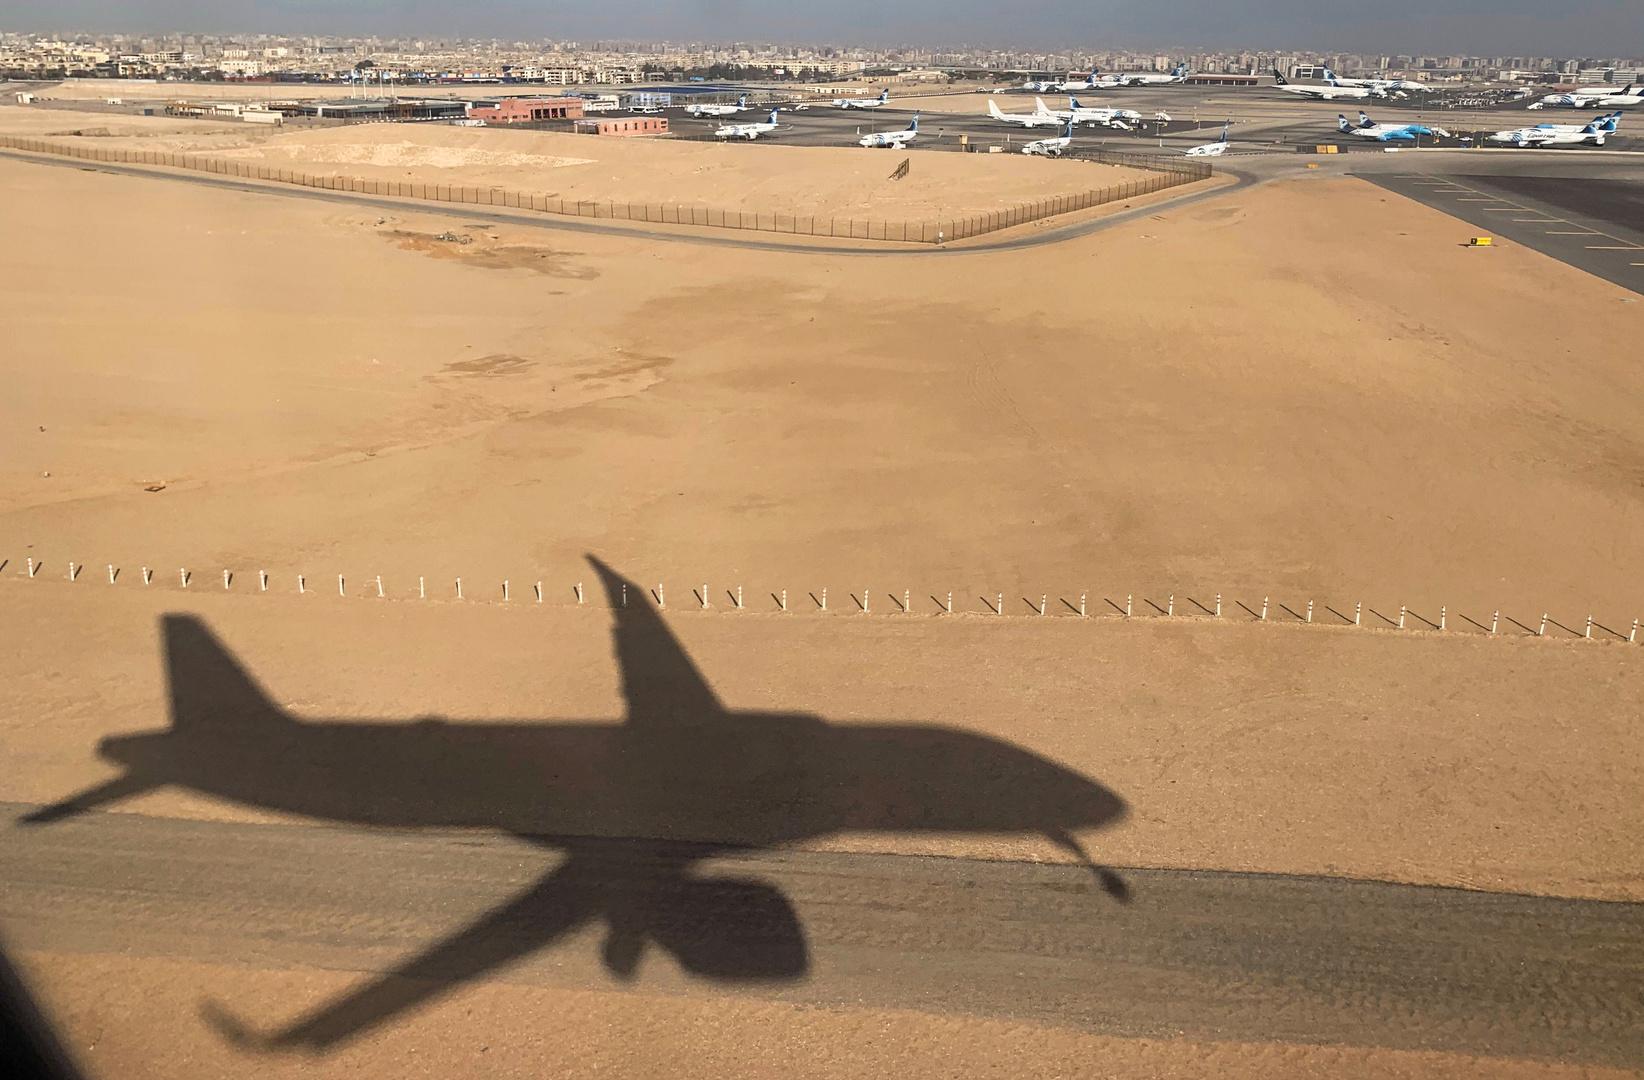 لجنة روسية تحدد موعد إقرار عدد الرحلات من روسيا إلى المنتجعات المصرية